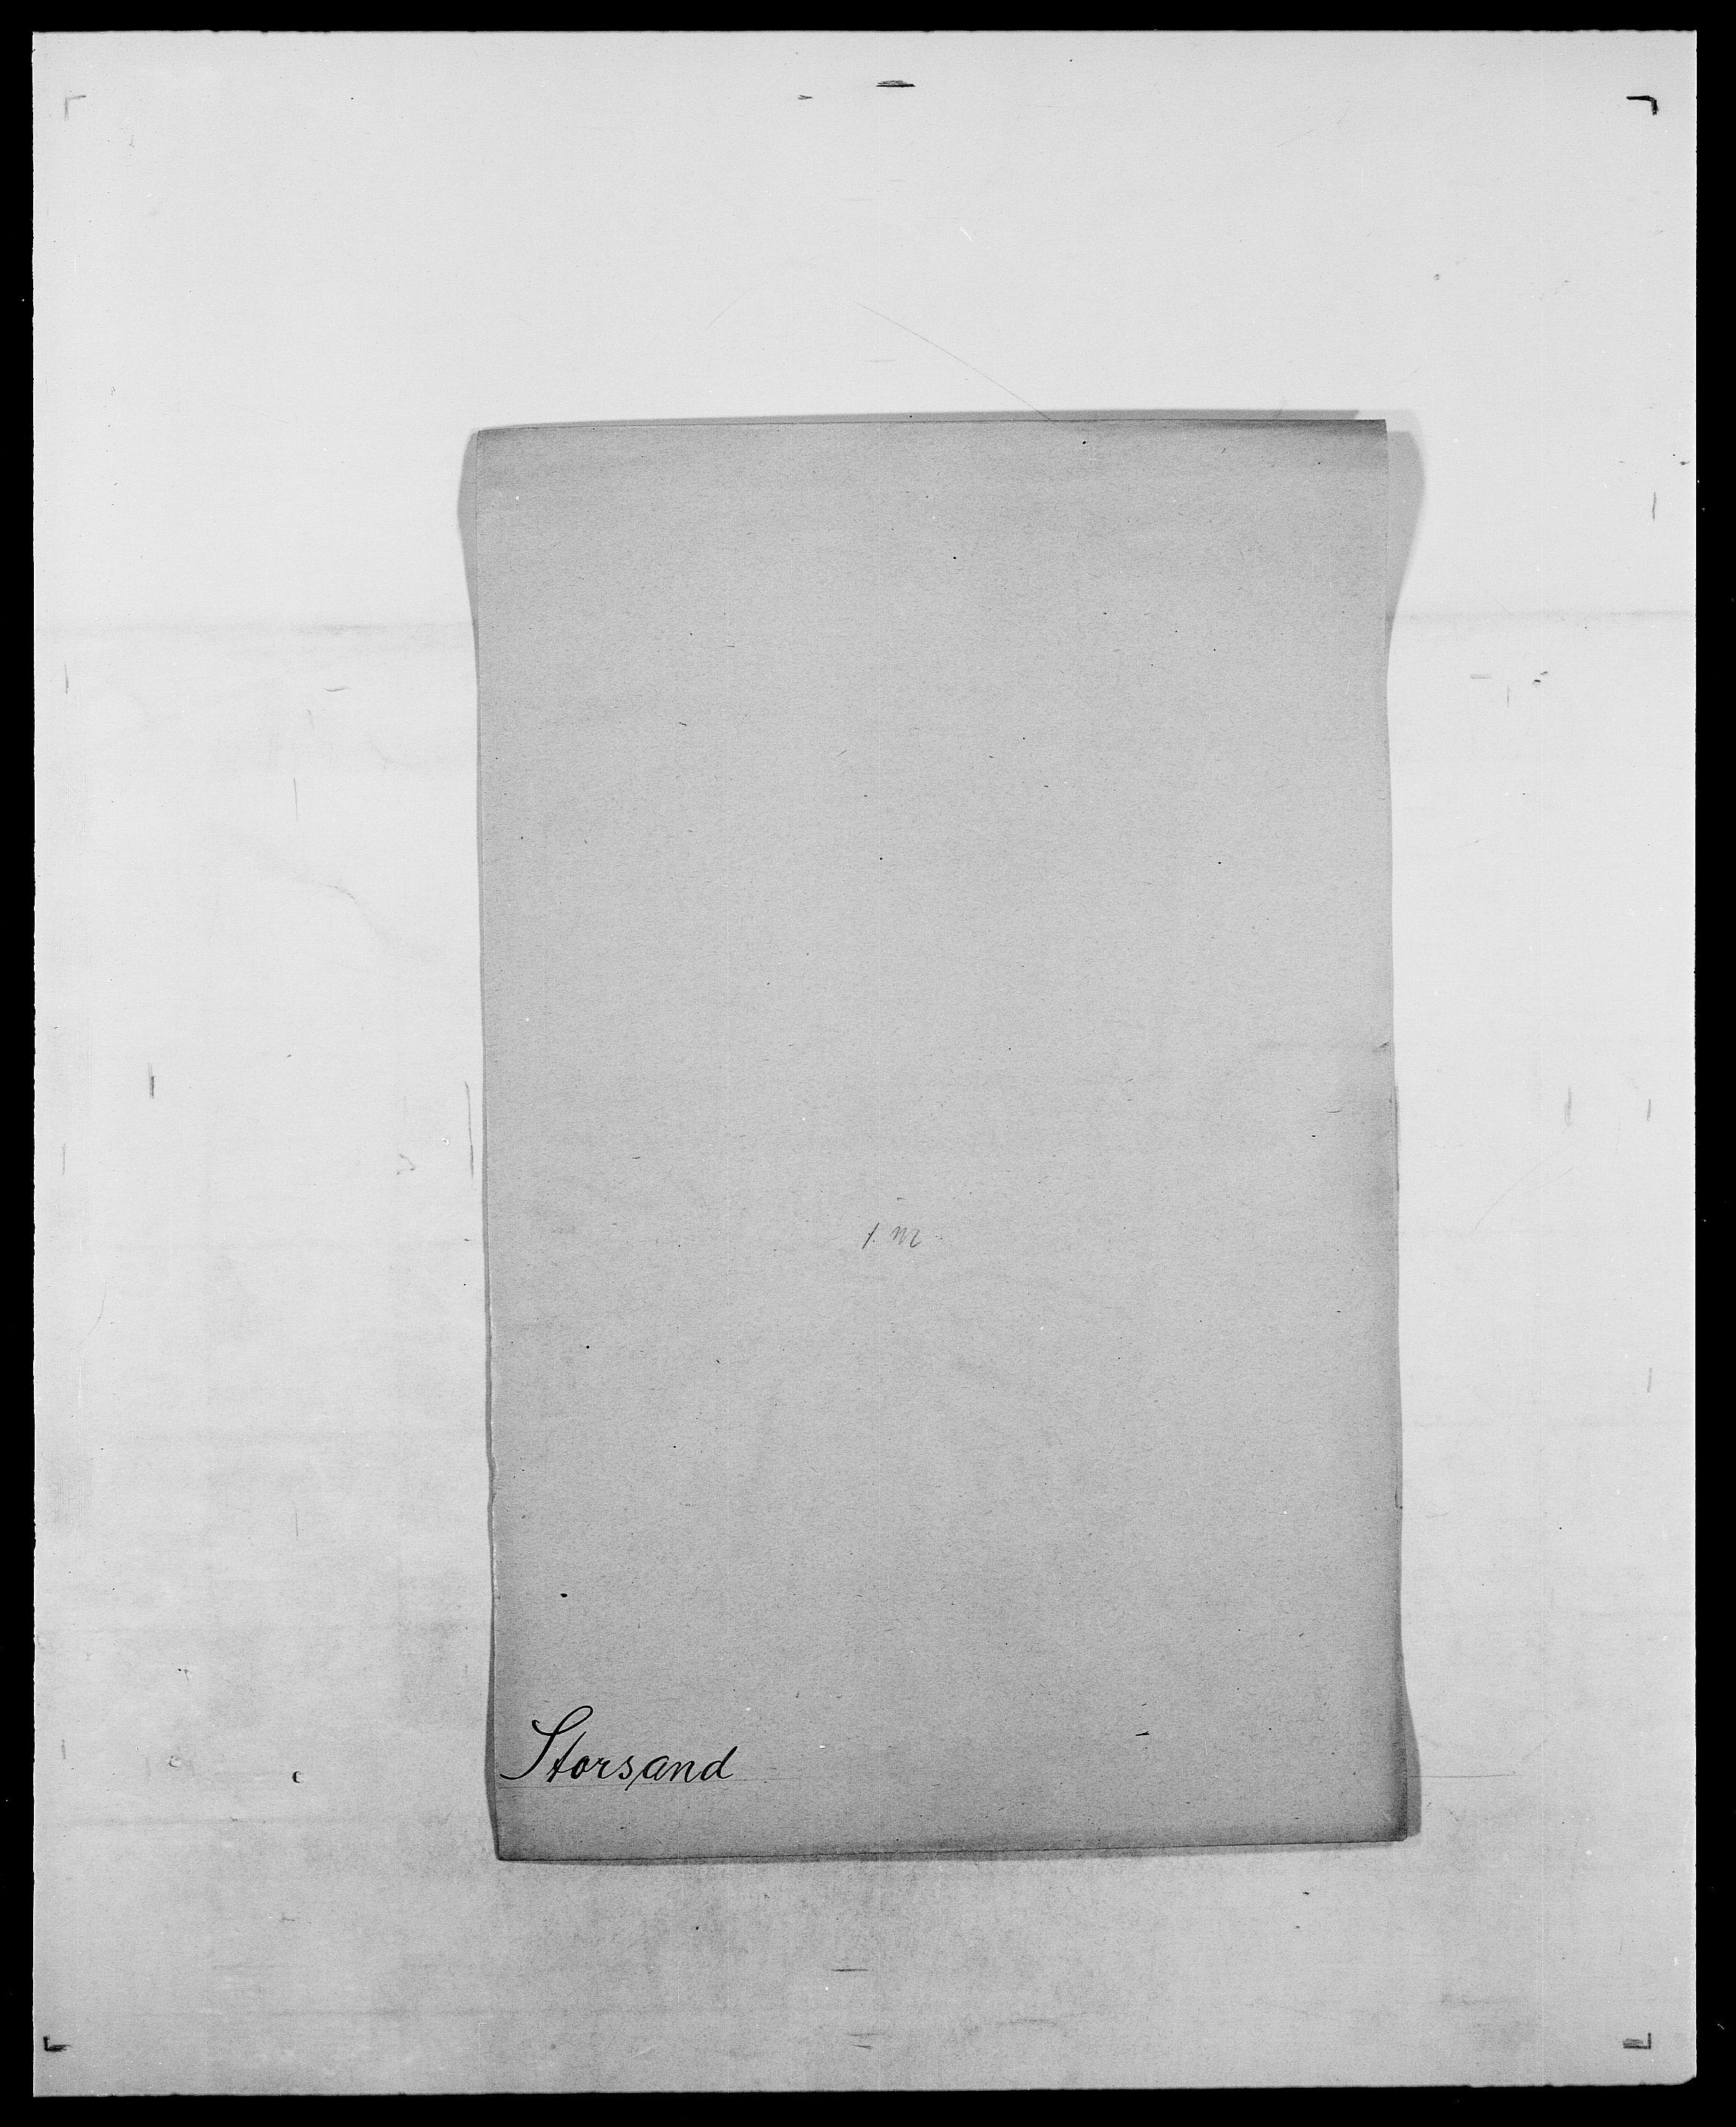 SAO, Delgobe, Charles Antoine - samling, D/Da/L0037: Steen, Sthen, Stein - Svare, Svanige, Svanne, se også Svanning og Schwane, s. 521